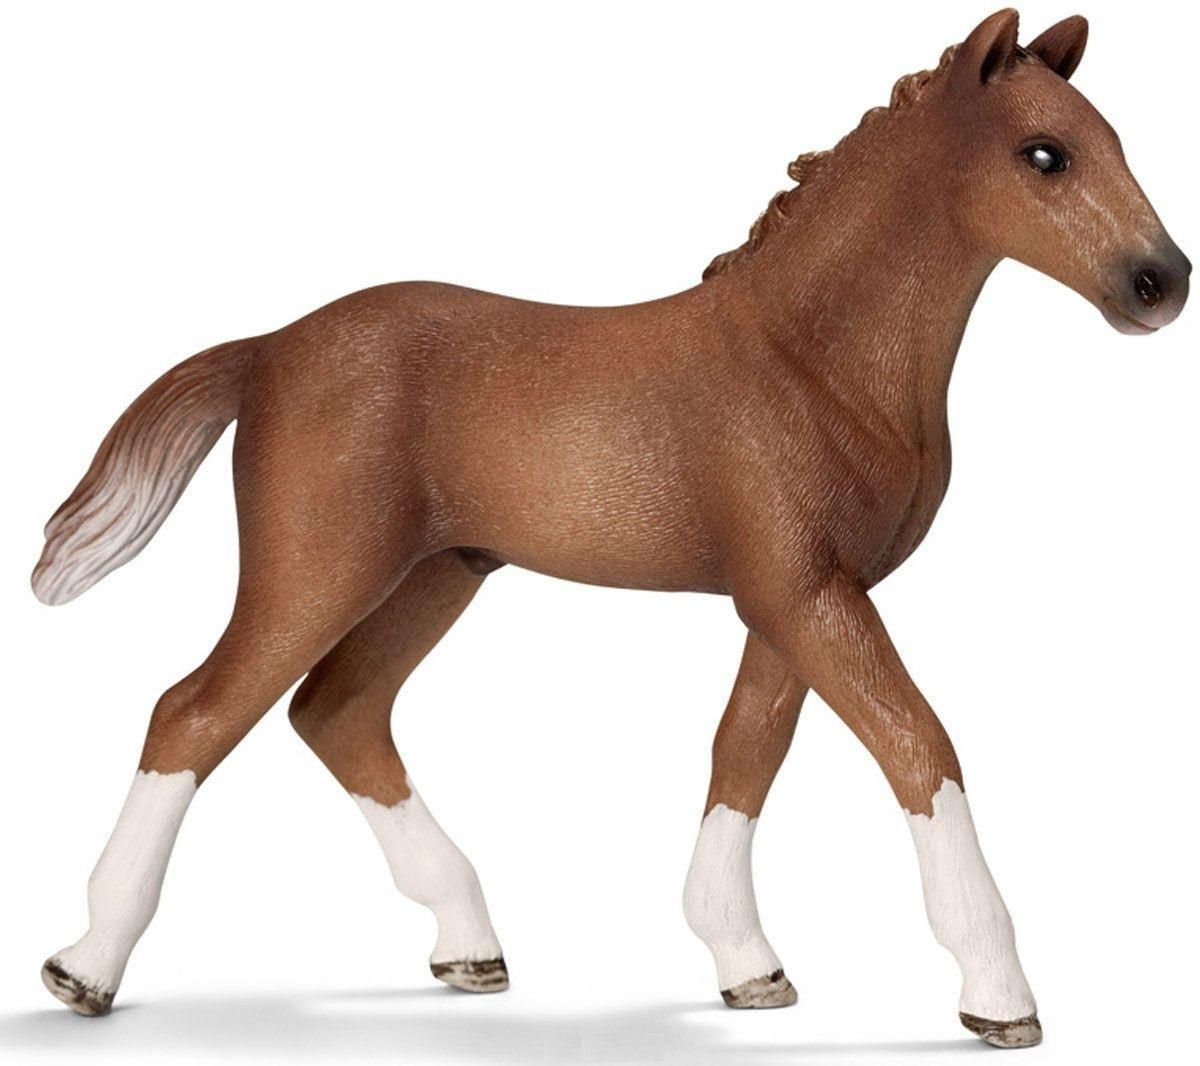 Гановерский жеребенокФигурка Schleich Ганноверский жеребенок выполнена из безопасного для ребенка материала и раскрашена вручную.Ганноверский жеребенок из благородной спортивной породы лошадей, он превосходно подходит для выездки и конкура. Ганноверская лошадь считается самой способной в обучении, эти лошади самые понятливые, внимательные и гармоничные.Прекрасно выполненные фигурки Schleich отличаются высочайшим качеством игрушек ручной работы. Все они создаются при постоянном сотрудничестве с Берлинским зоопарком, а потому являются максимально точной копией настоящих животных. Каждая фигурка разработана с учетом исследований в области педагогики и производится как настоящее произведение для маленьких детских ручек.<br>